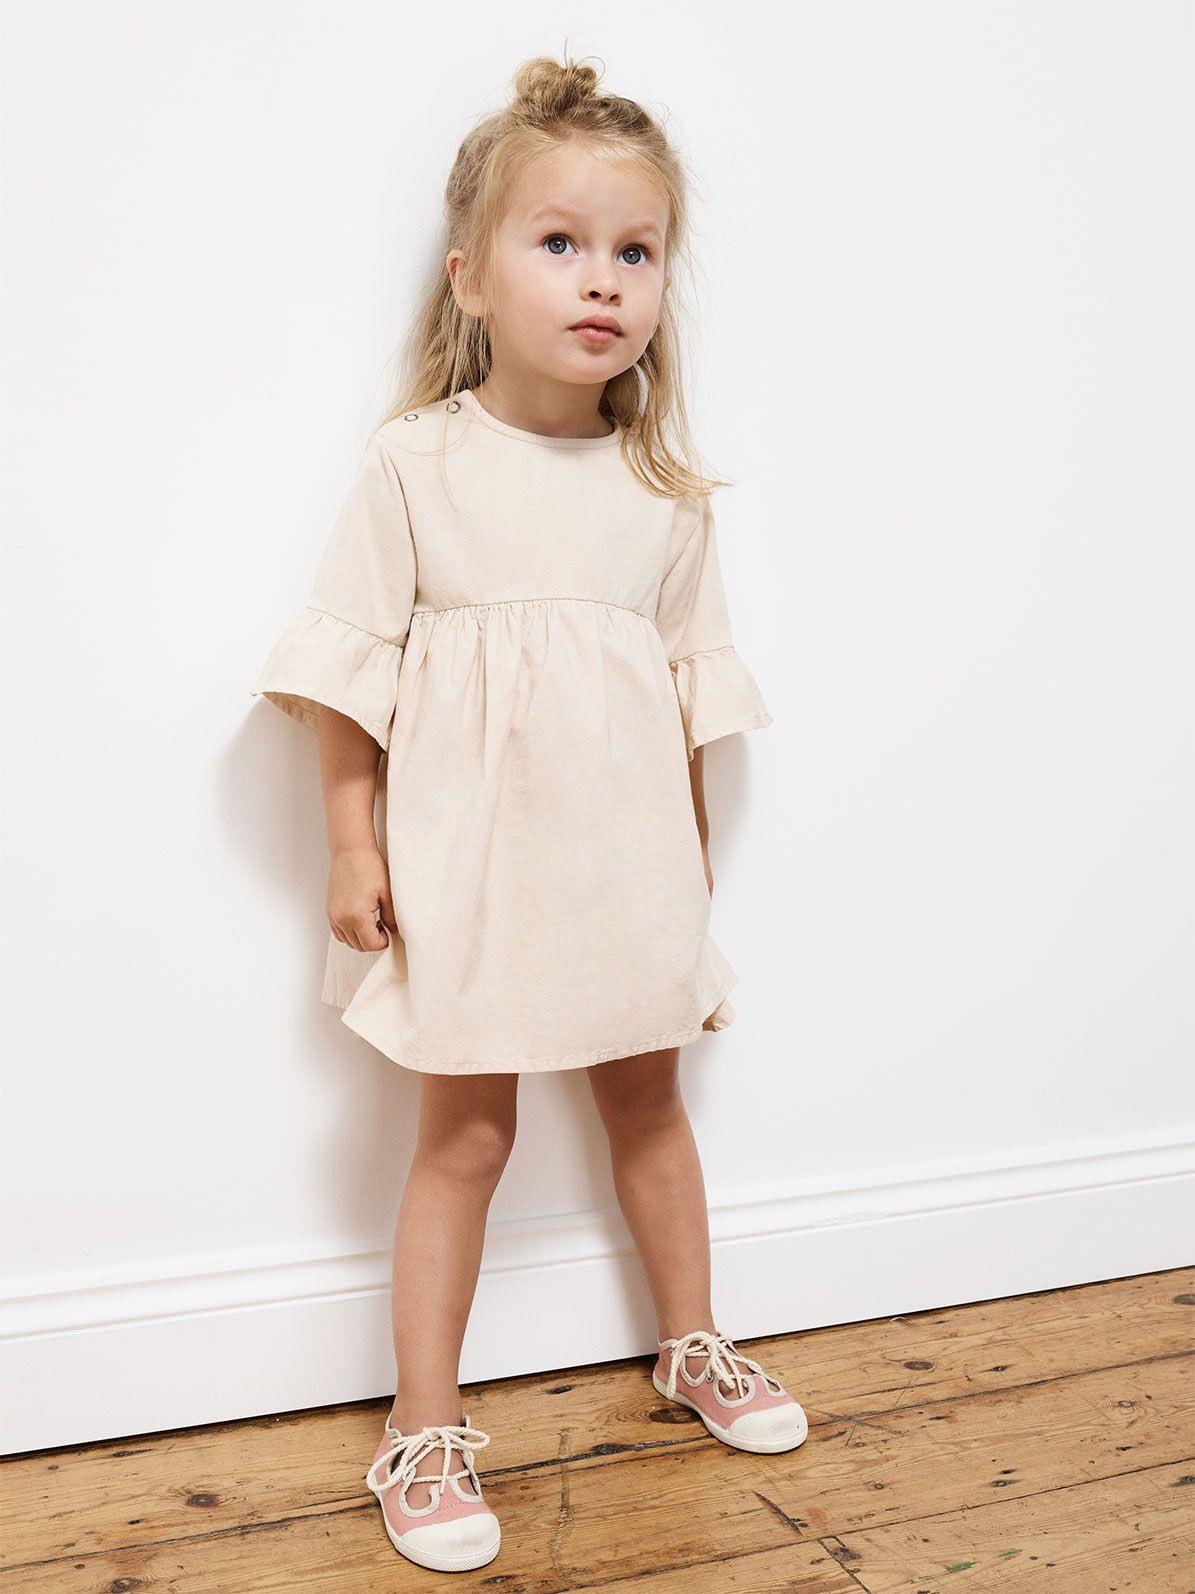 Zara  Zaraeditorial  4 Years  Baby Girl  3 Months